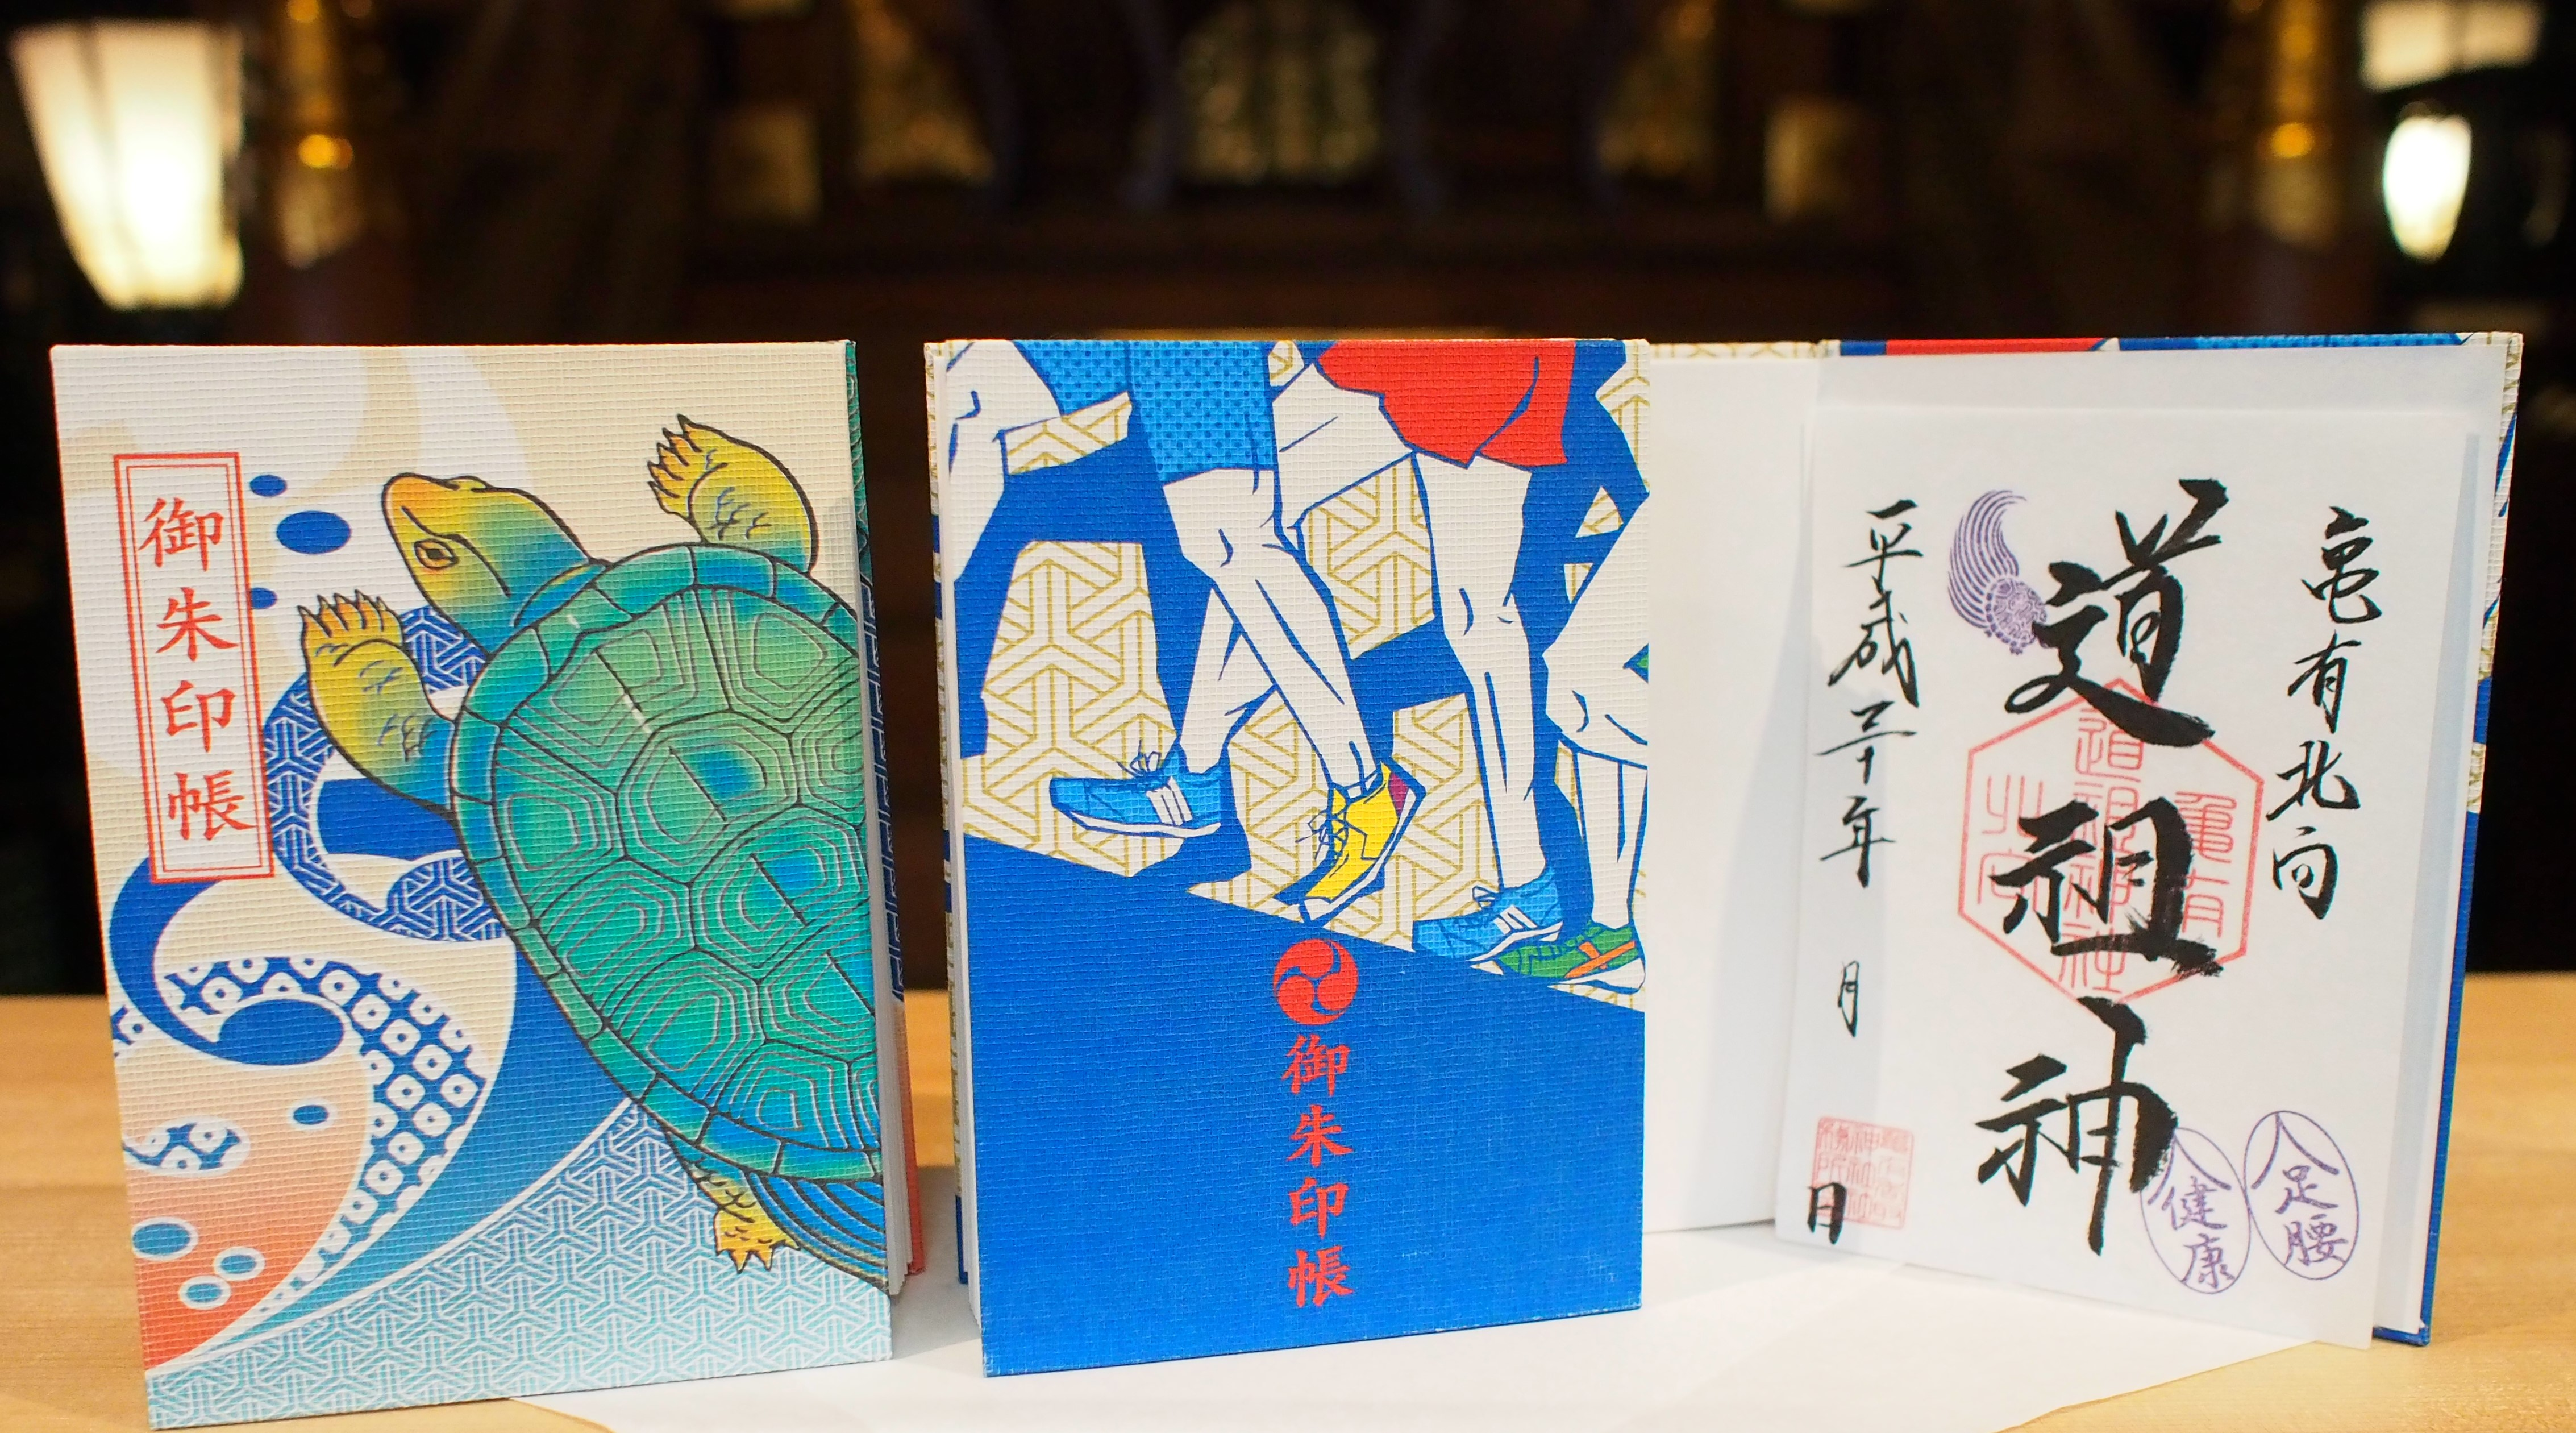 道祖神社ご朱印並びに御朱印帳頒布開始のご案内